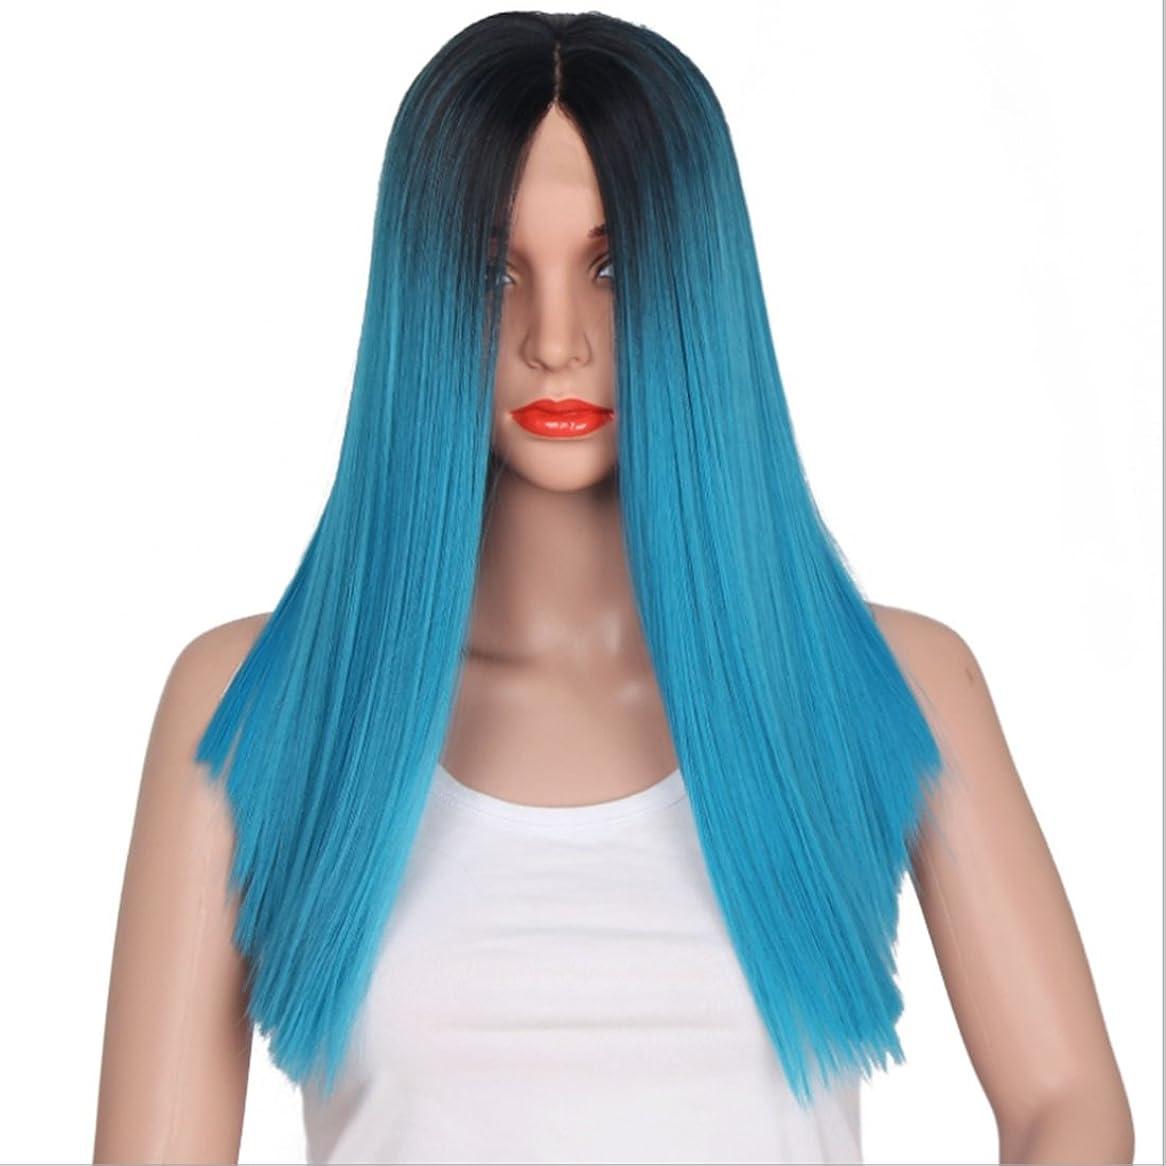 あえぎ考古学者ニコチンDoyvanntgo 女性用レースフロントロングブラックグラデーションブルーヘアレースレース髪用合成ストレートコスプレウィッグ付き16インチフルハンドウィービングストレートウィッグ (Color : Black gradient blue)